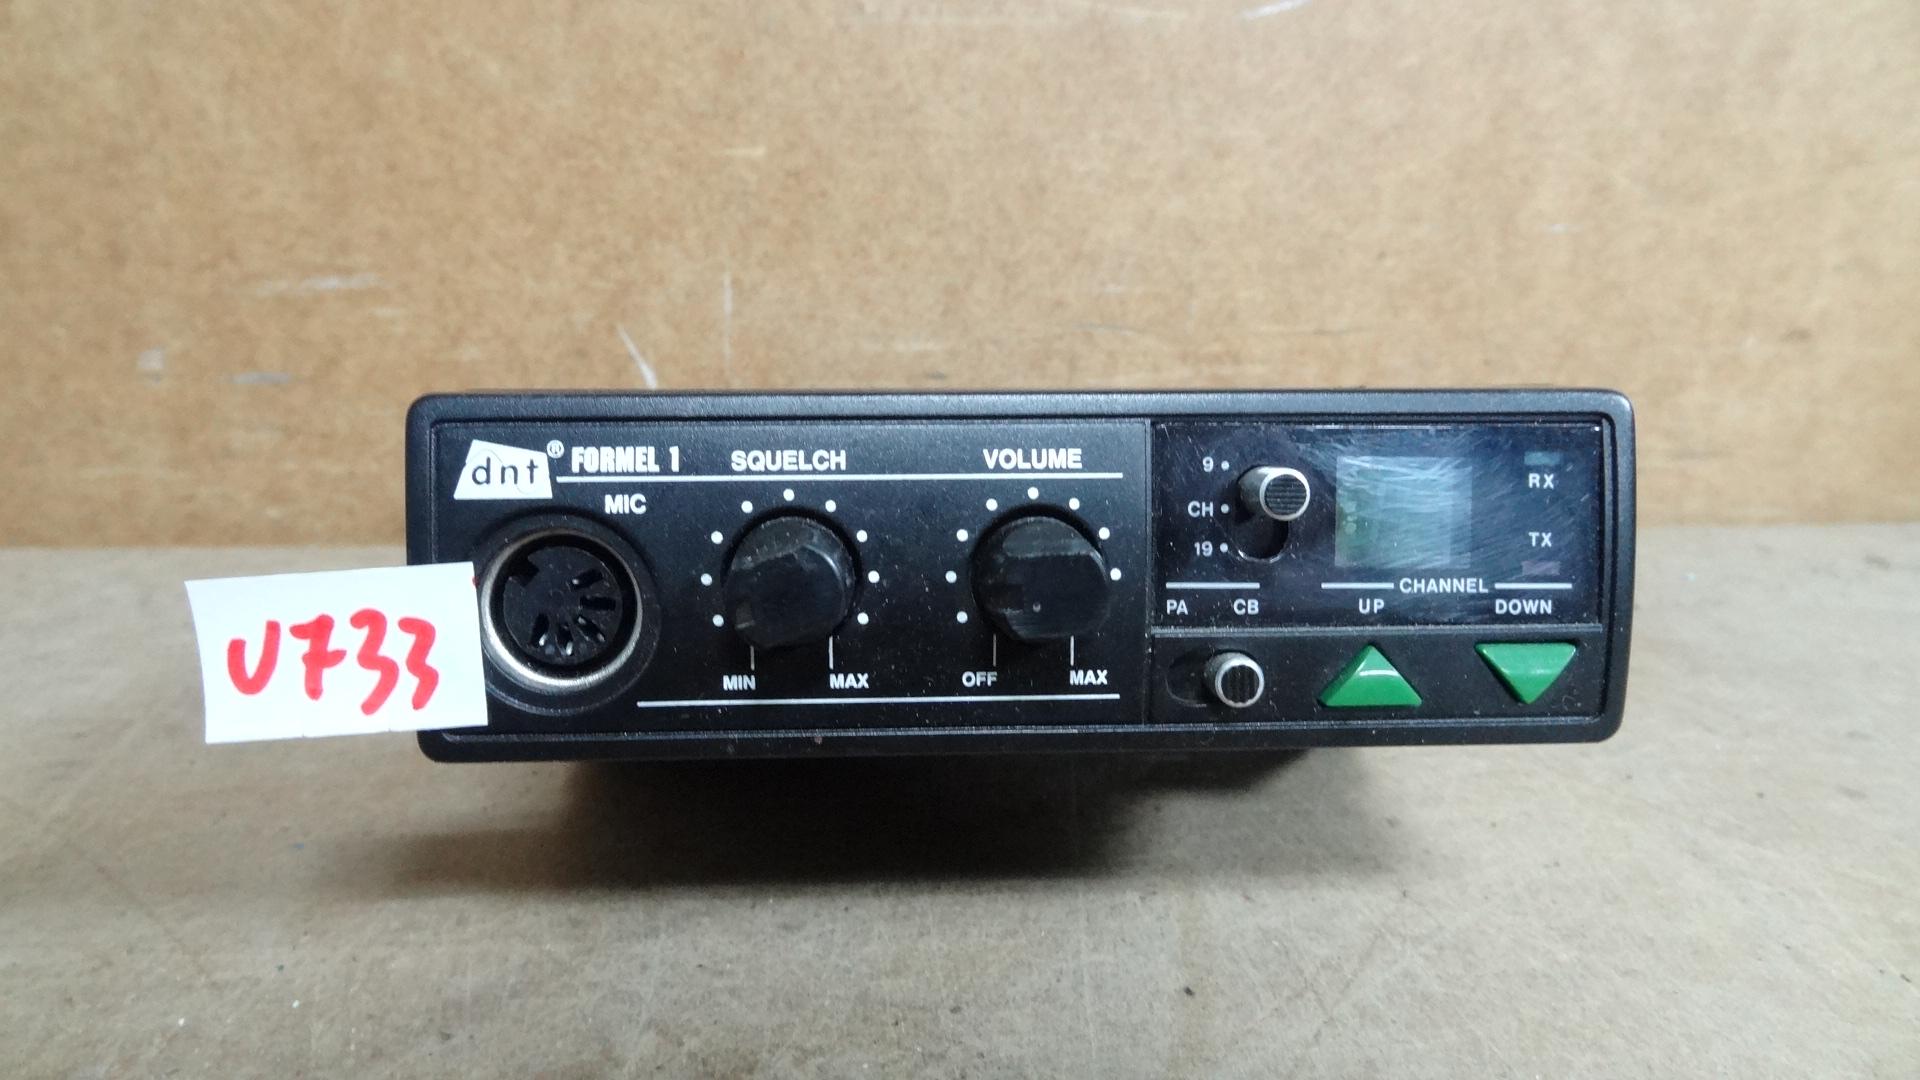 CB RADIO DNT FORMEL 1 - NR U733